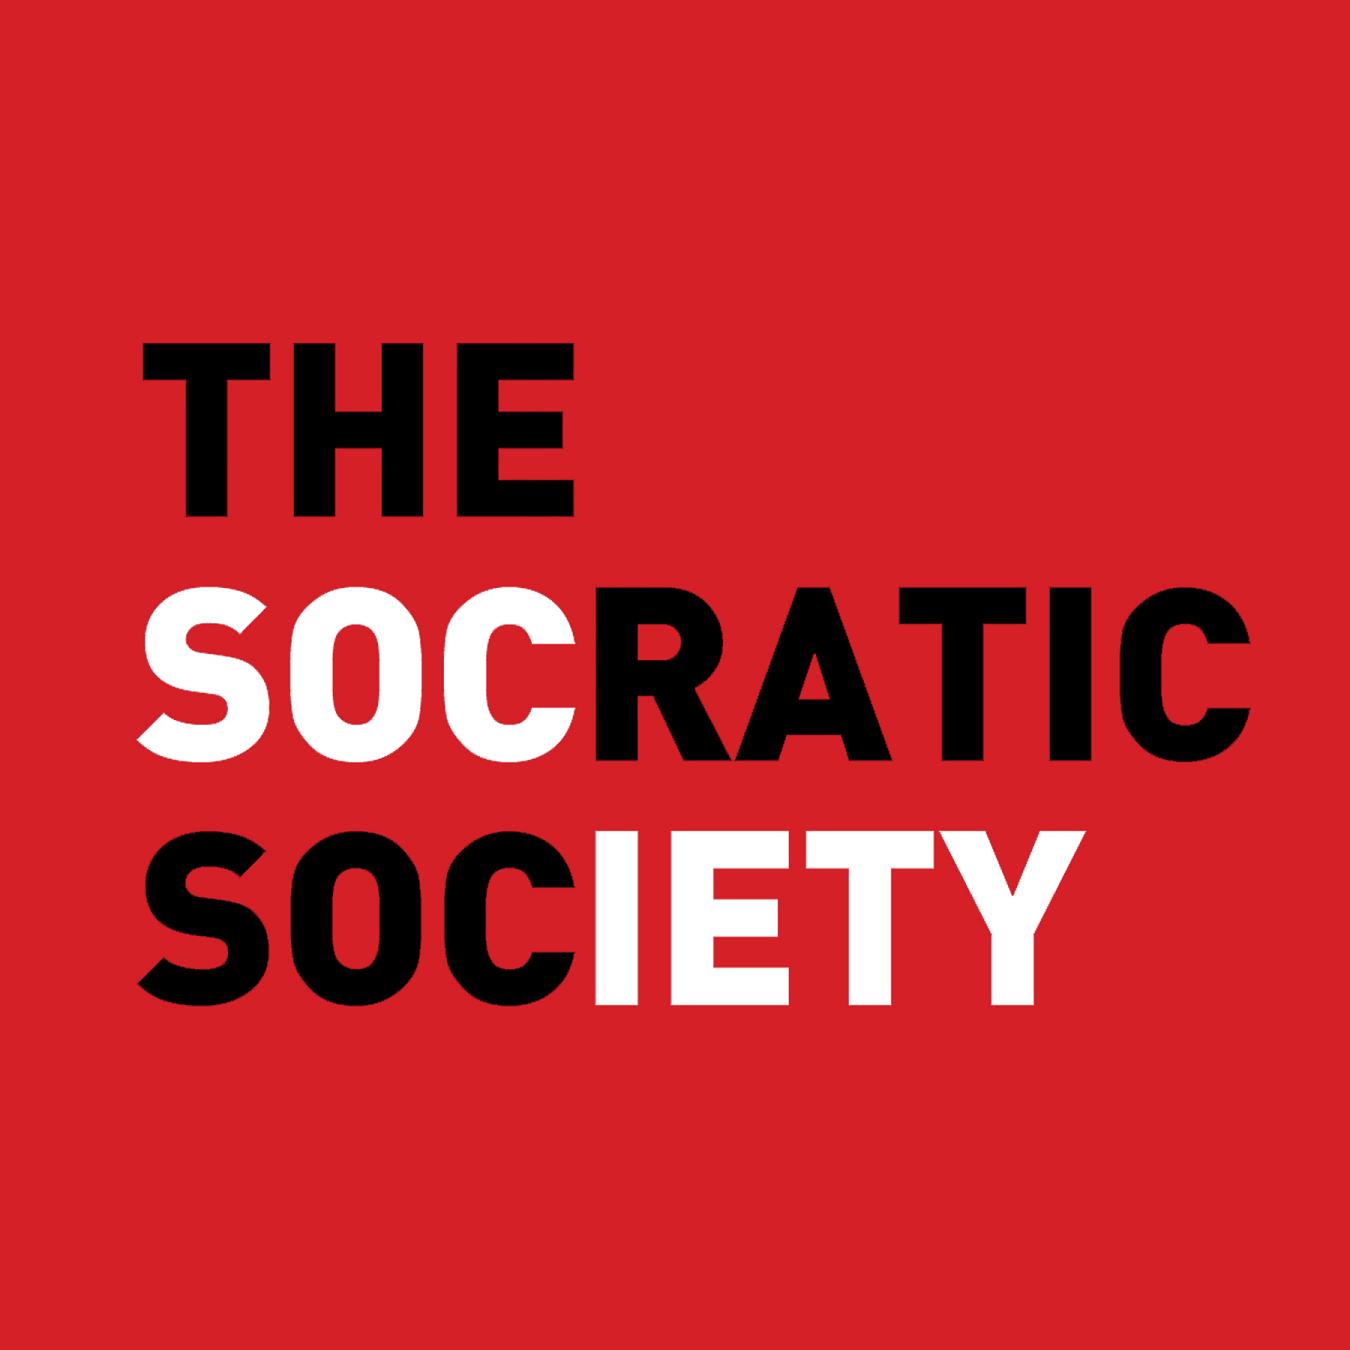 The Socratic Society logo